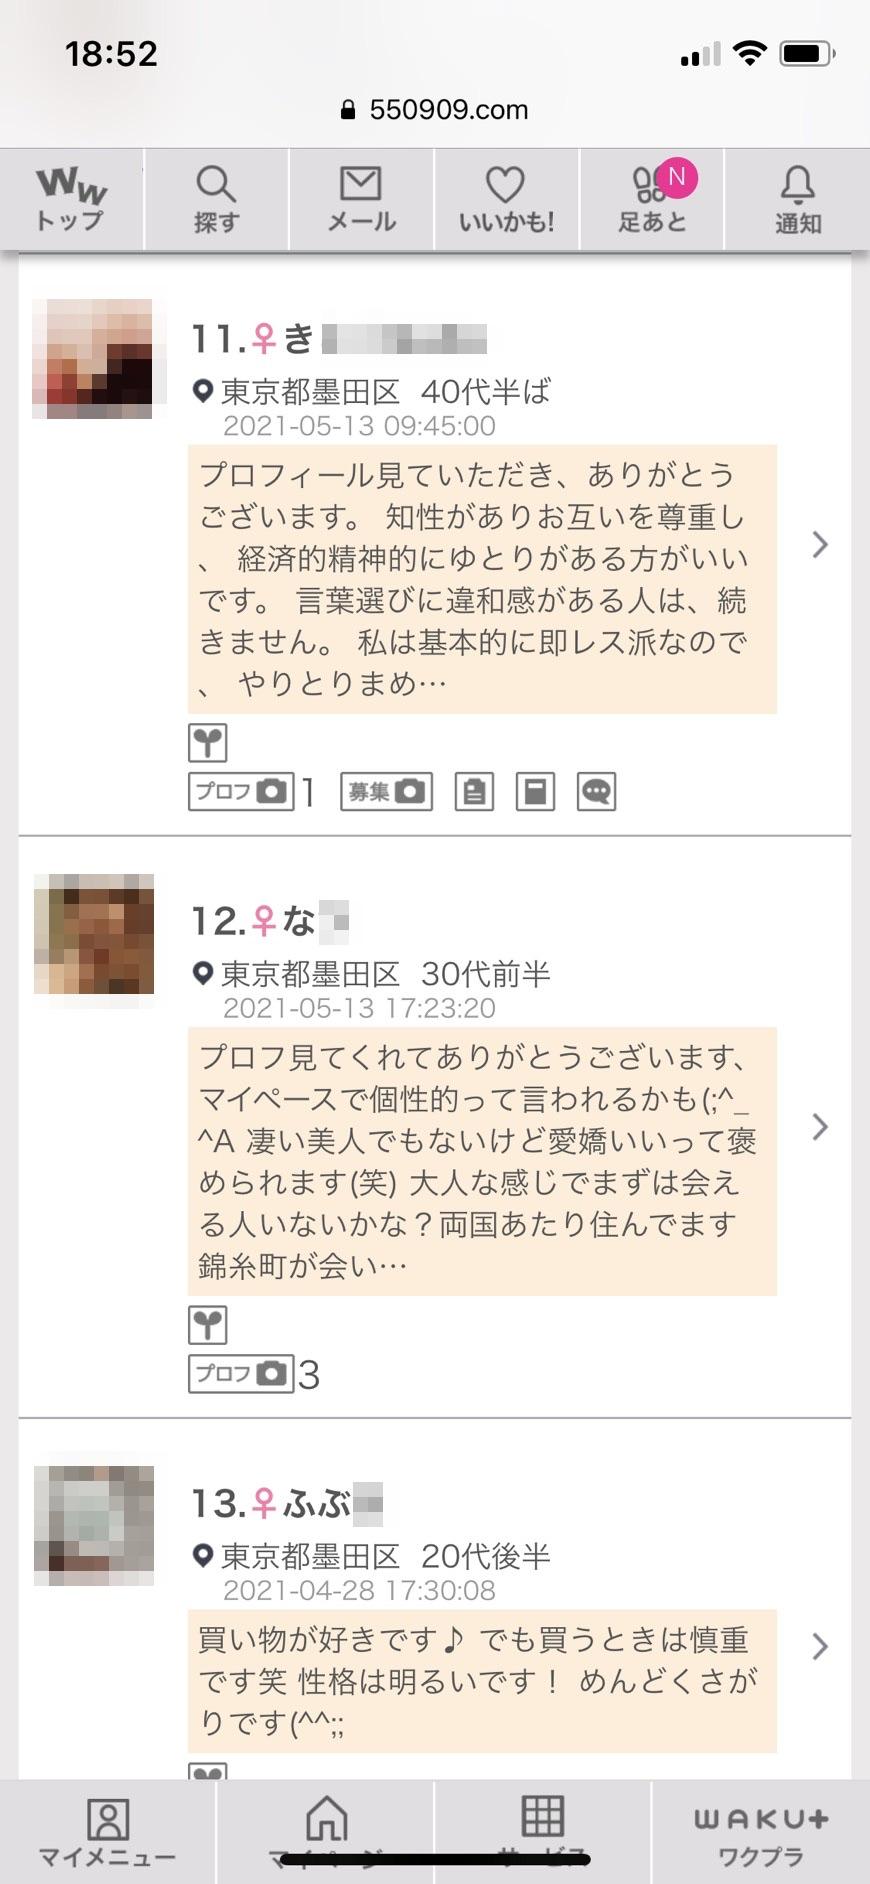 錦糸町・出会い希望(ワクワクメール)